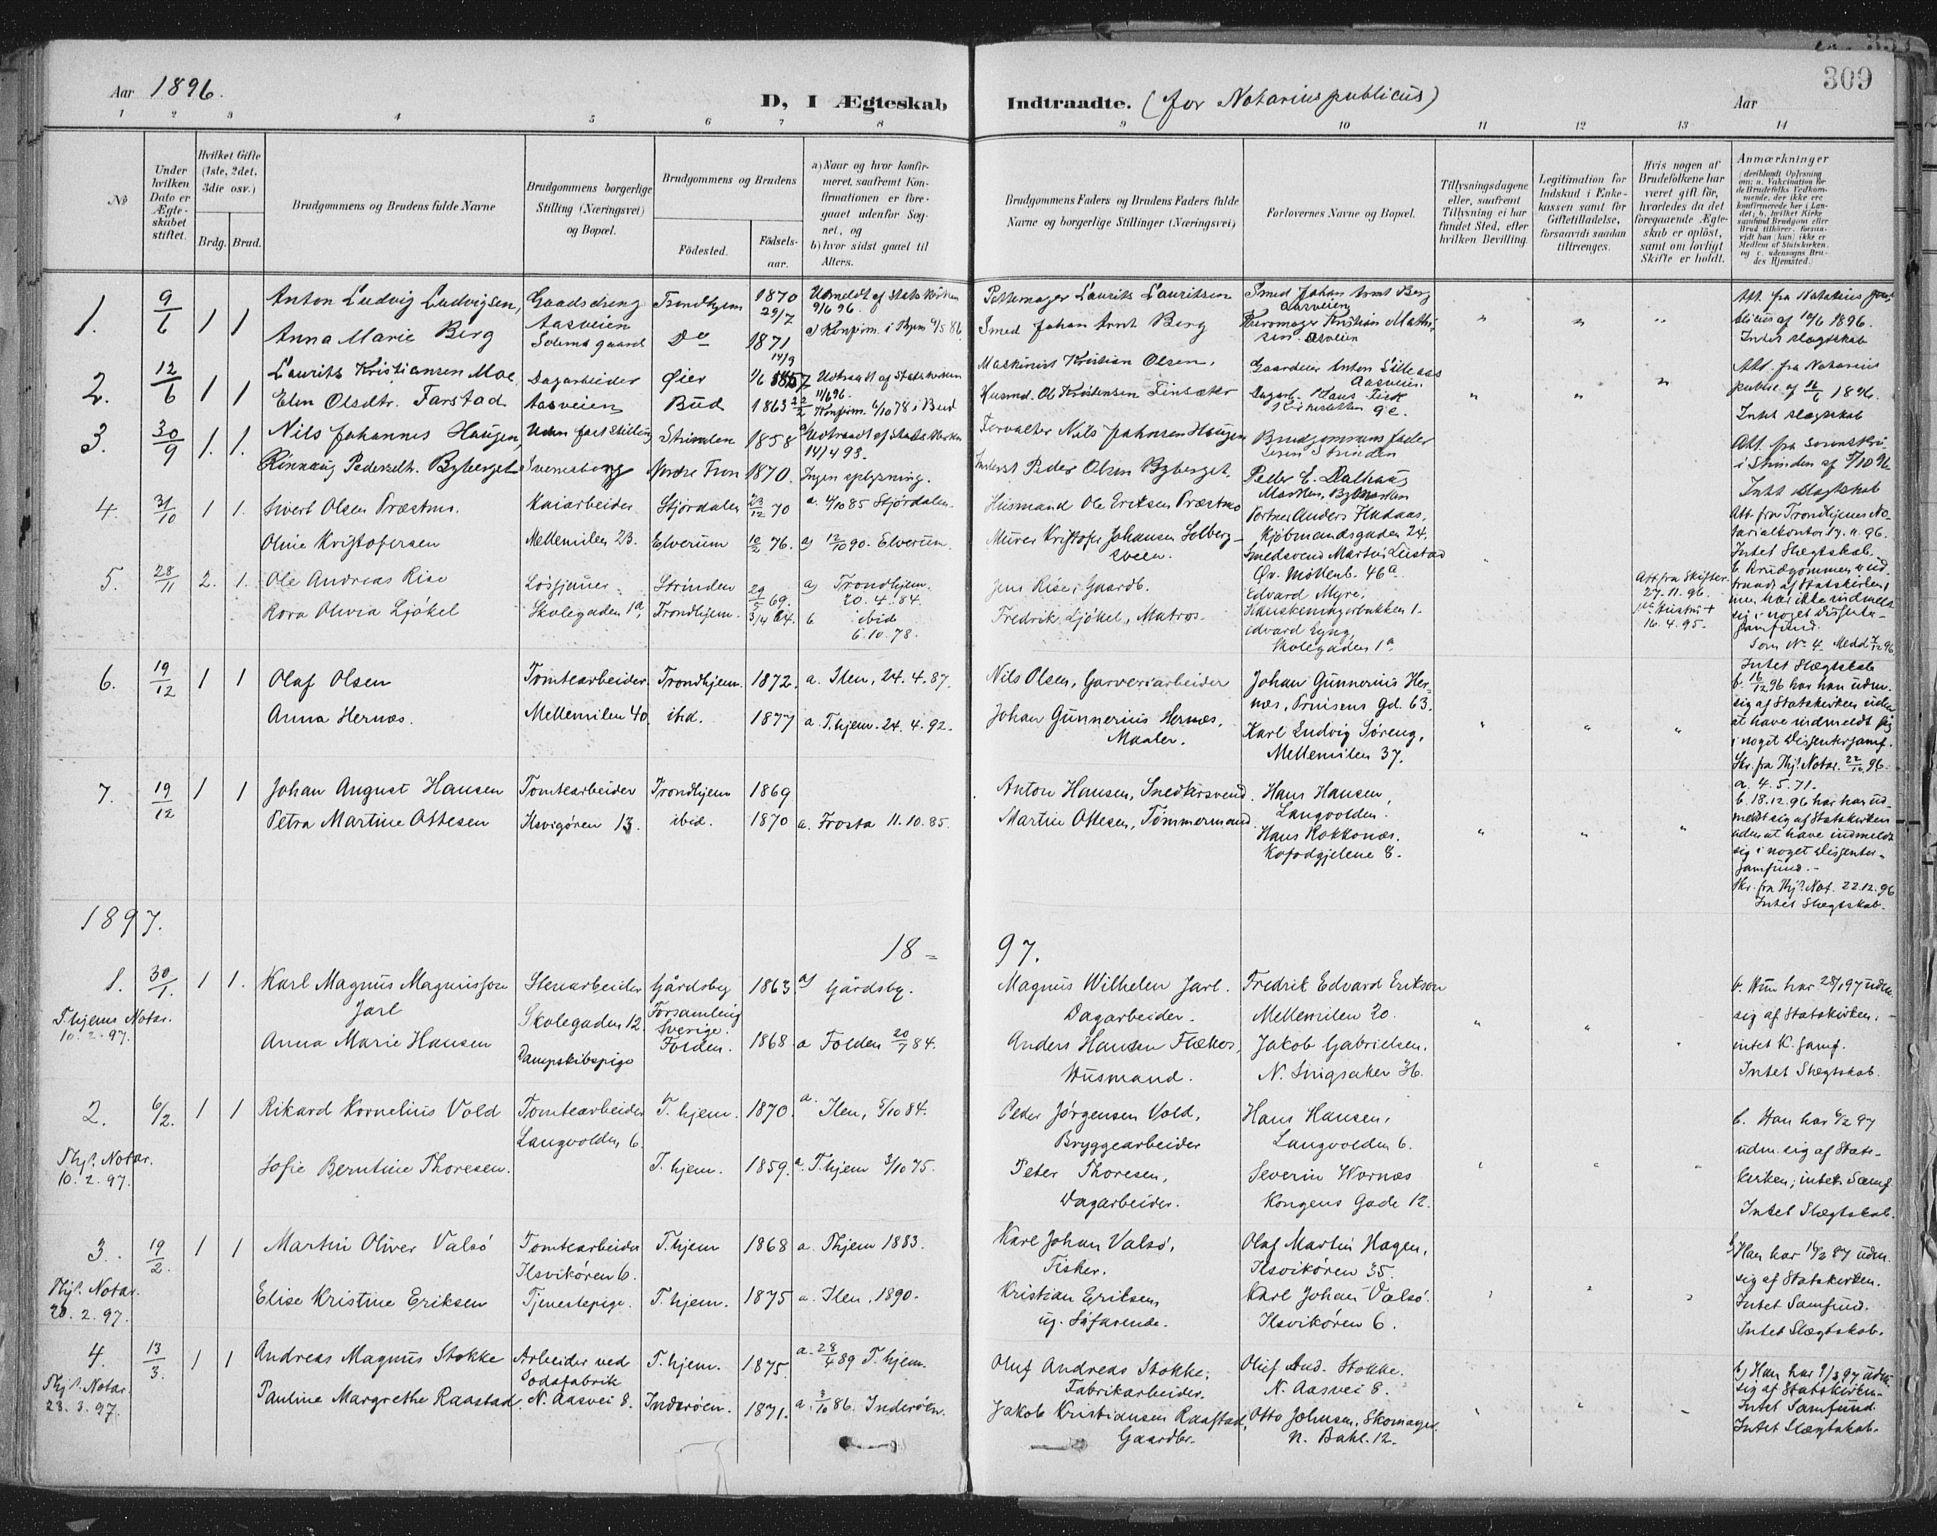 SAT, Ministerialprotokoller, klokkerbøker og fødselsregistre - Sør-Trøndelag, 603/L0167: Ministerialbok nr. 603A06, 1896-1932, s. 309